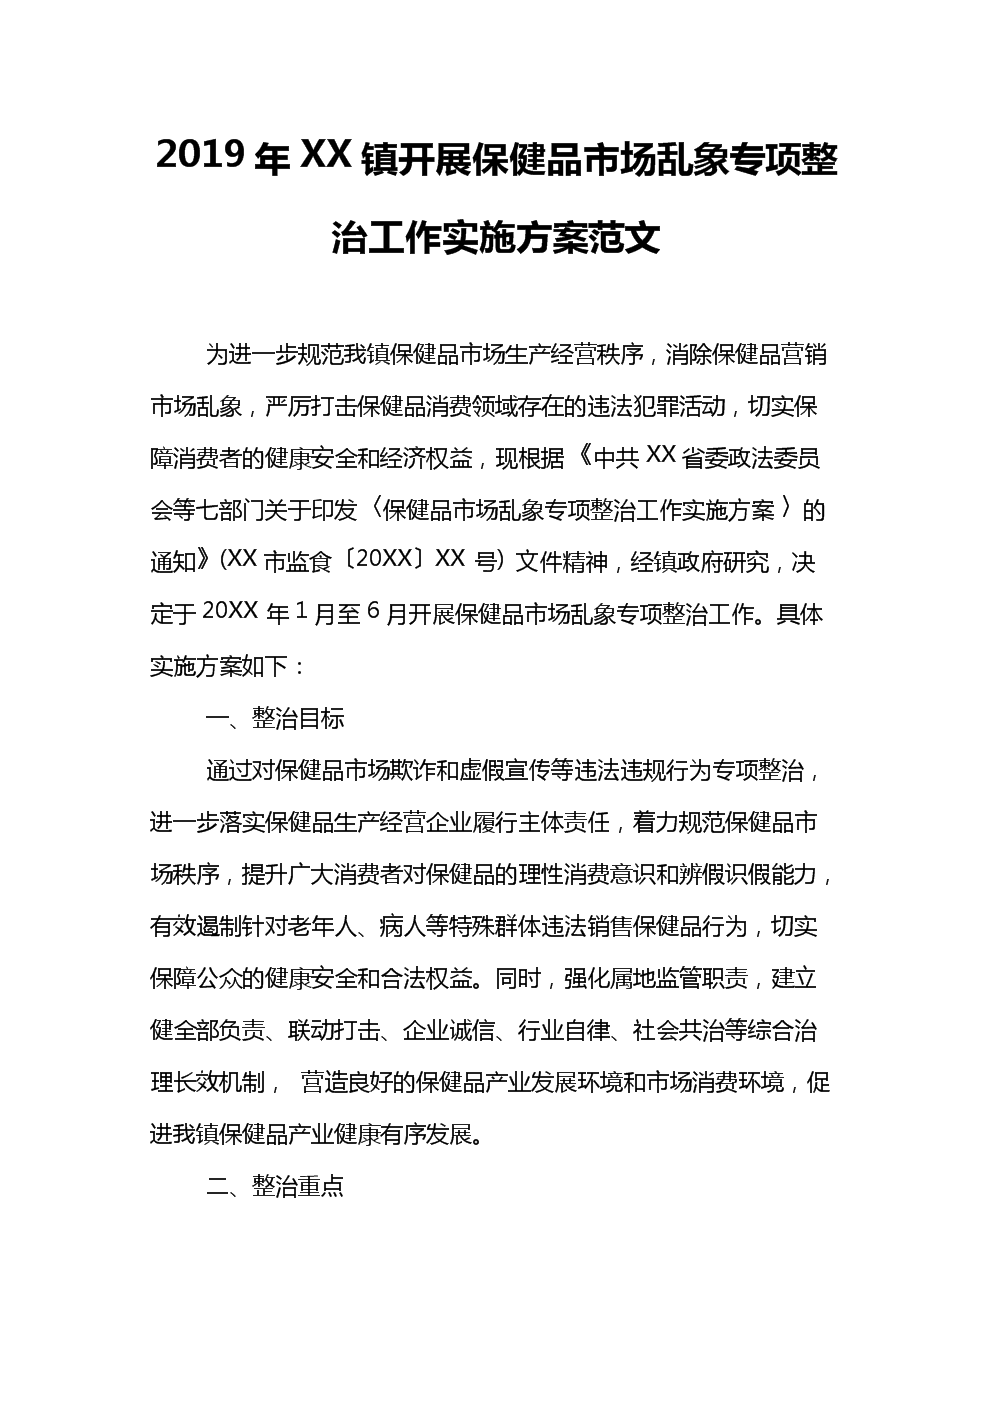 2019年XX镇开展保健品市场乱象专项整治工作实施方案范文.doc